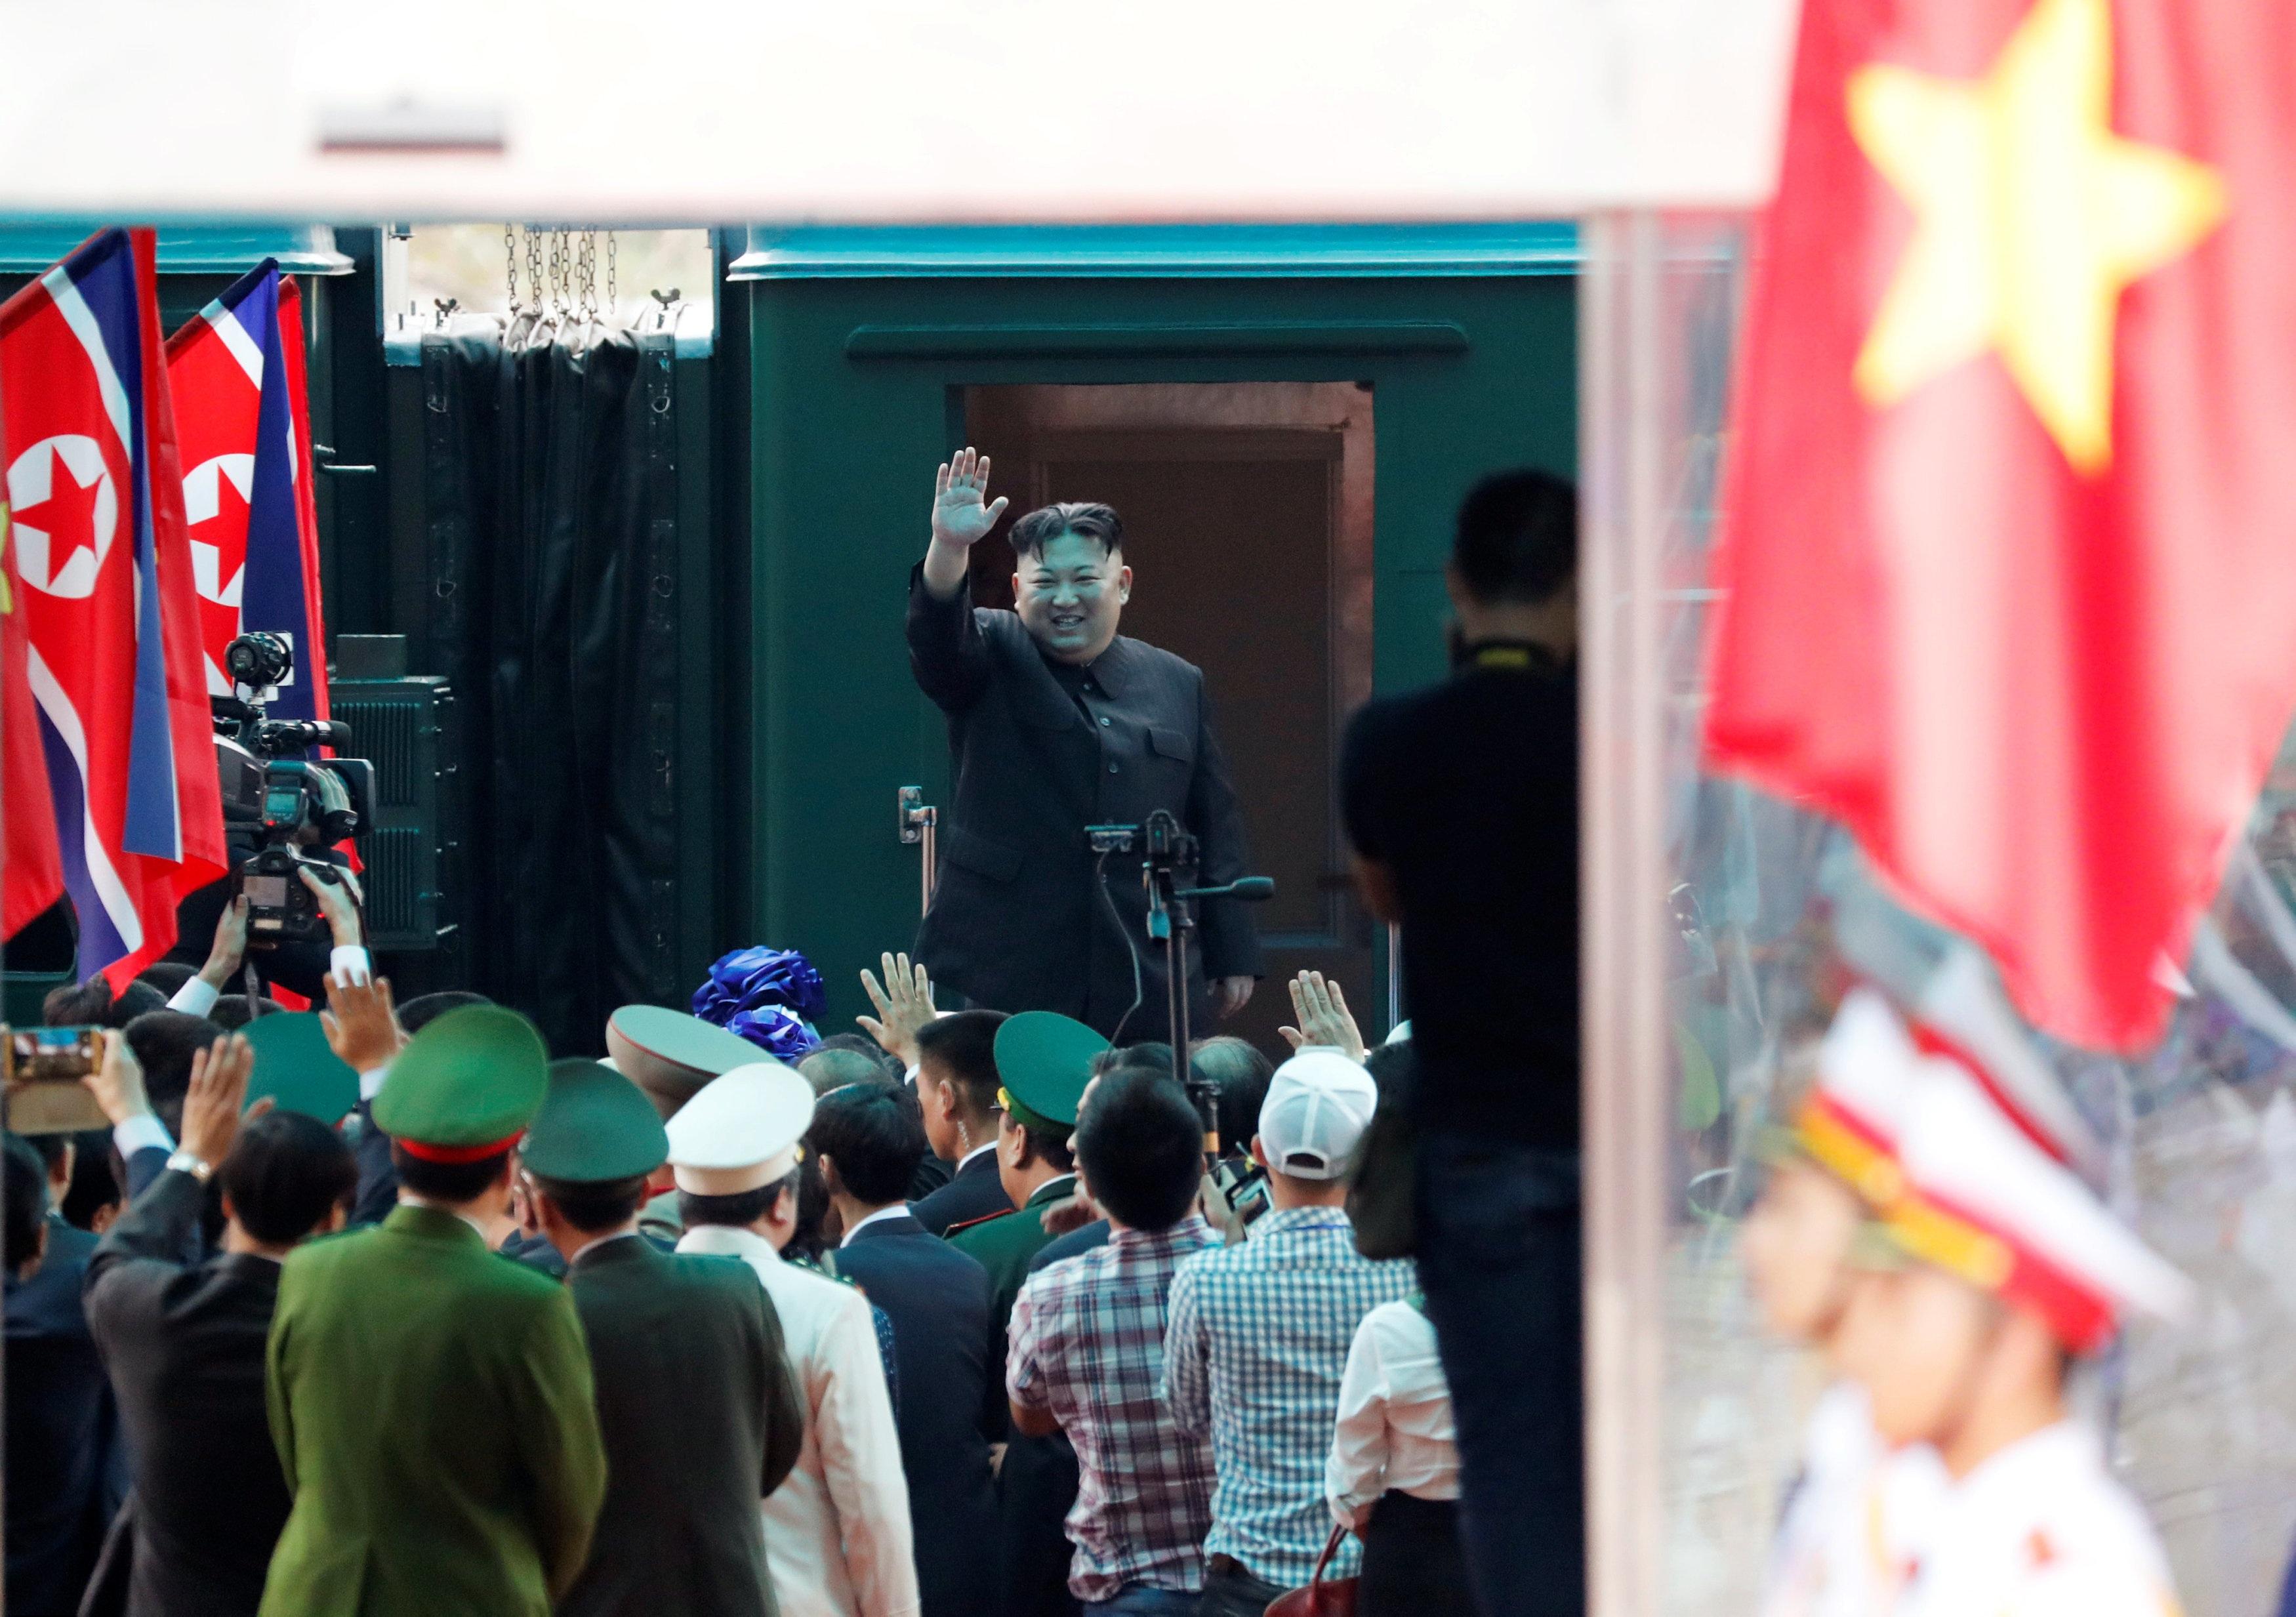 Tàu bọc thép chở ông Kim Jong-un băng qua miền trung Trung Quốc